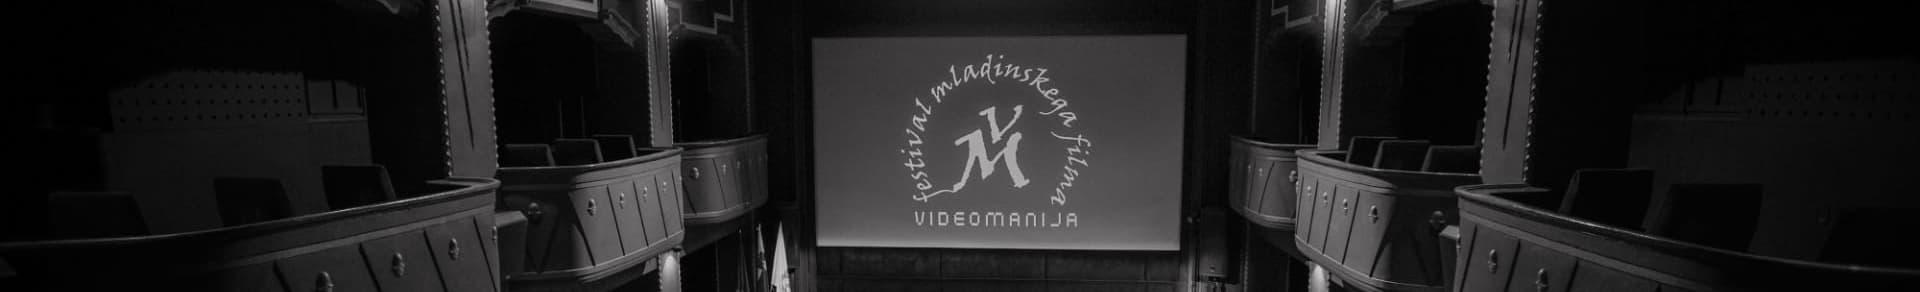 kino dvorana s platnom v ozadju n akaterem se prikazuje logotip Videomanije